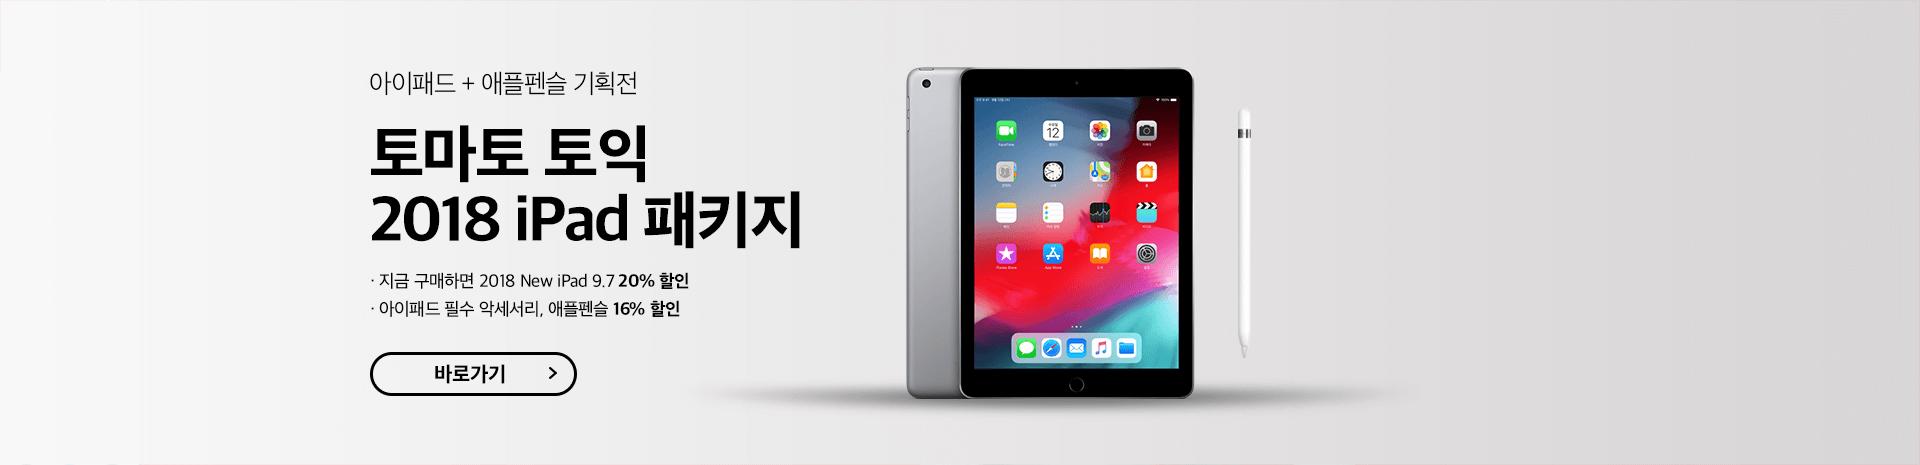 토마토토익 X 2018 iPad